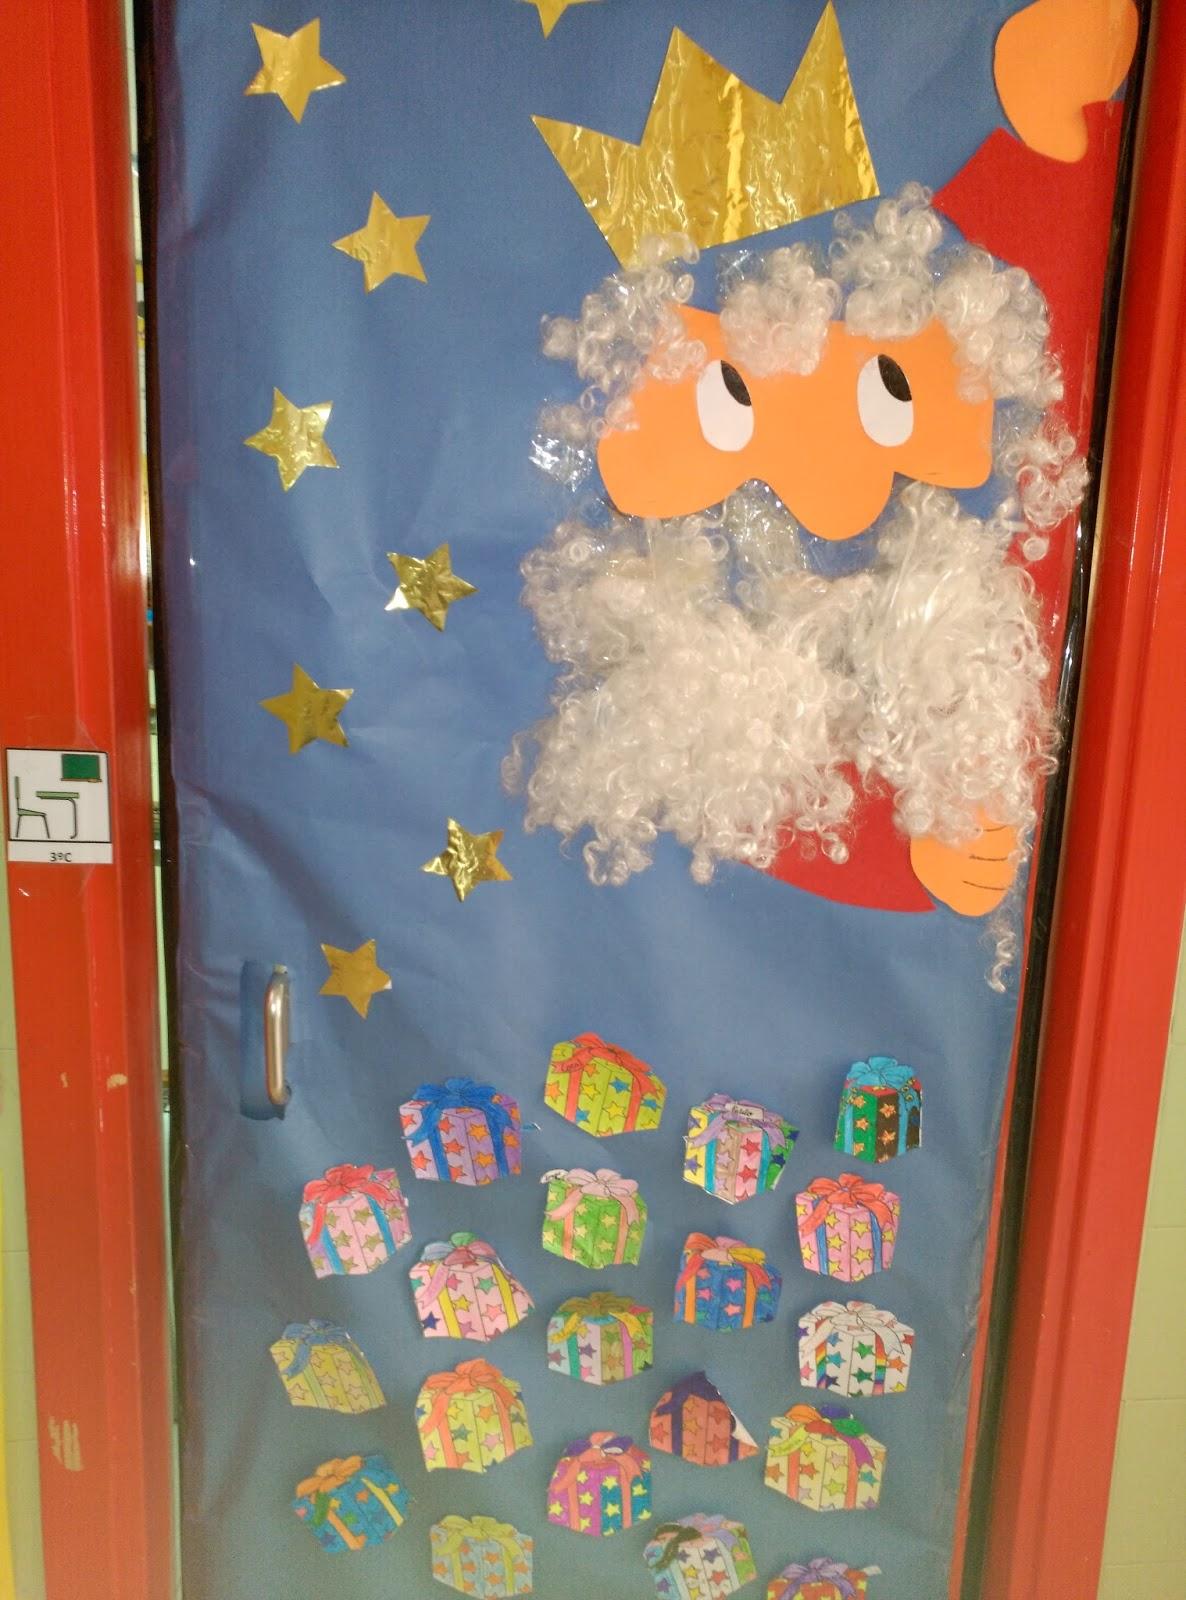 Blog de tercero los arqueros decoraci n de puertas for Puertas decoradas enero